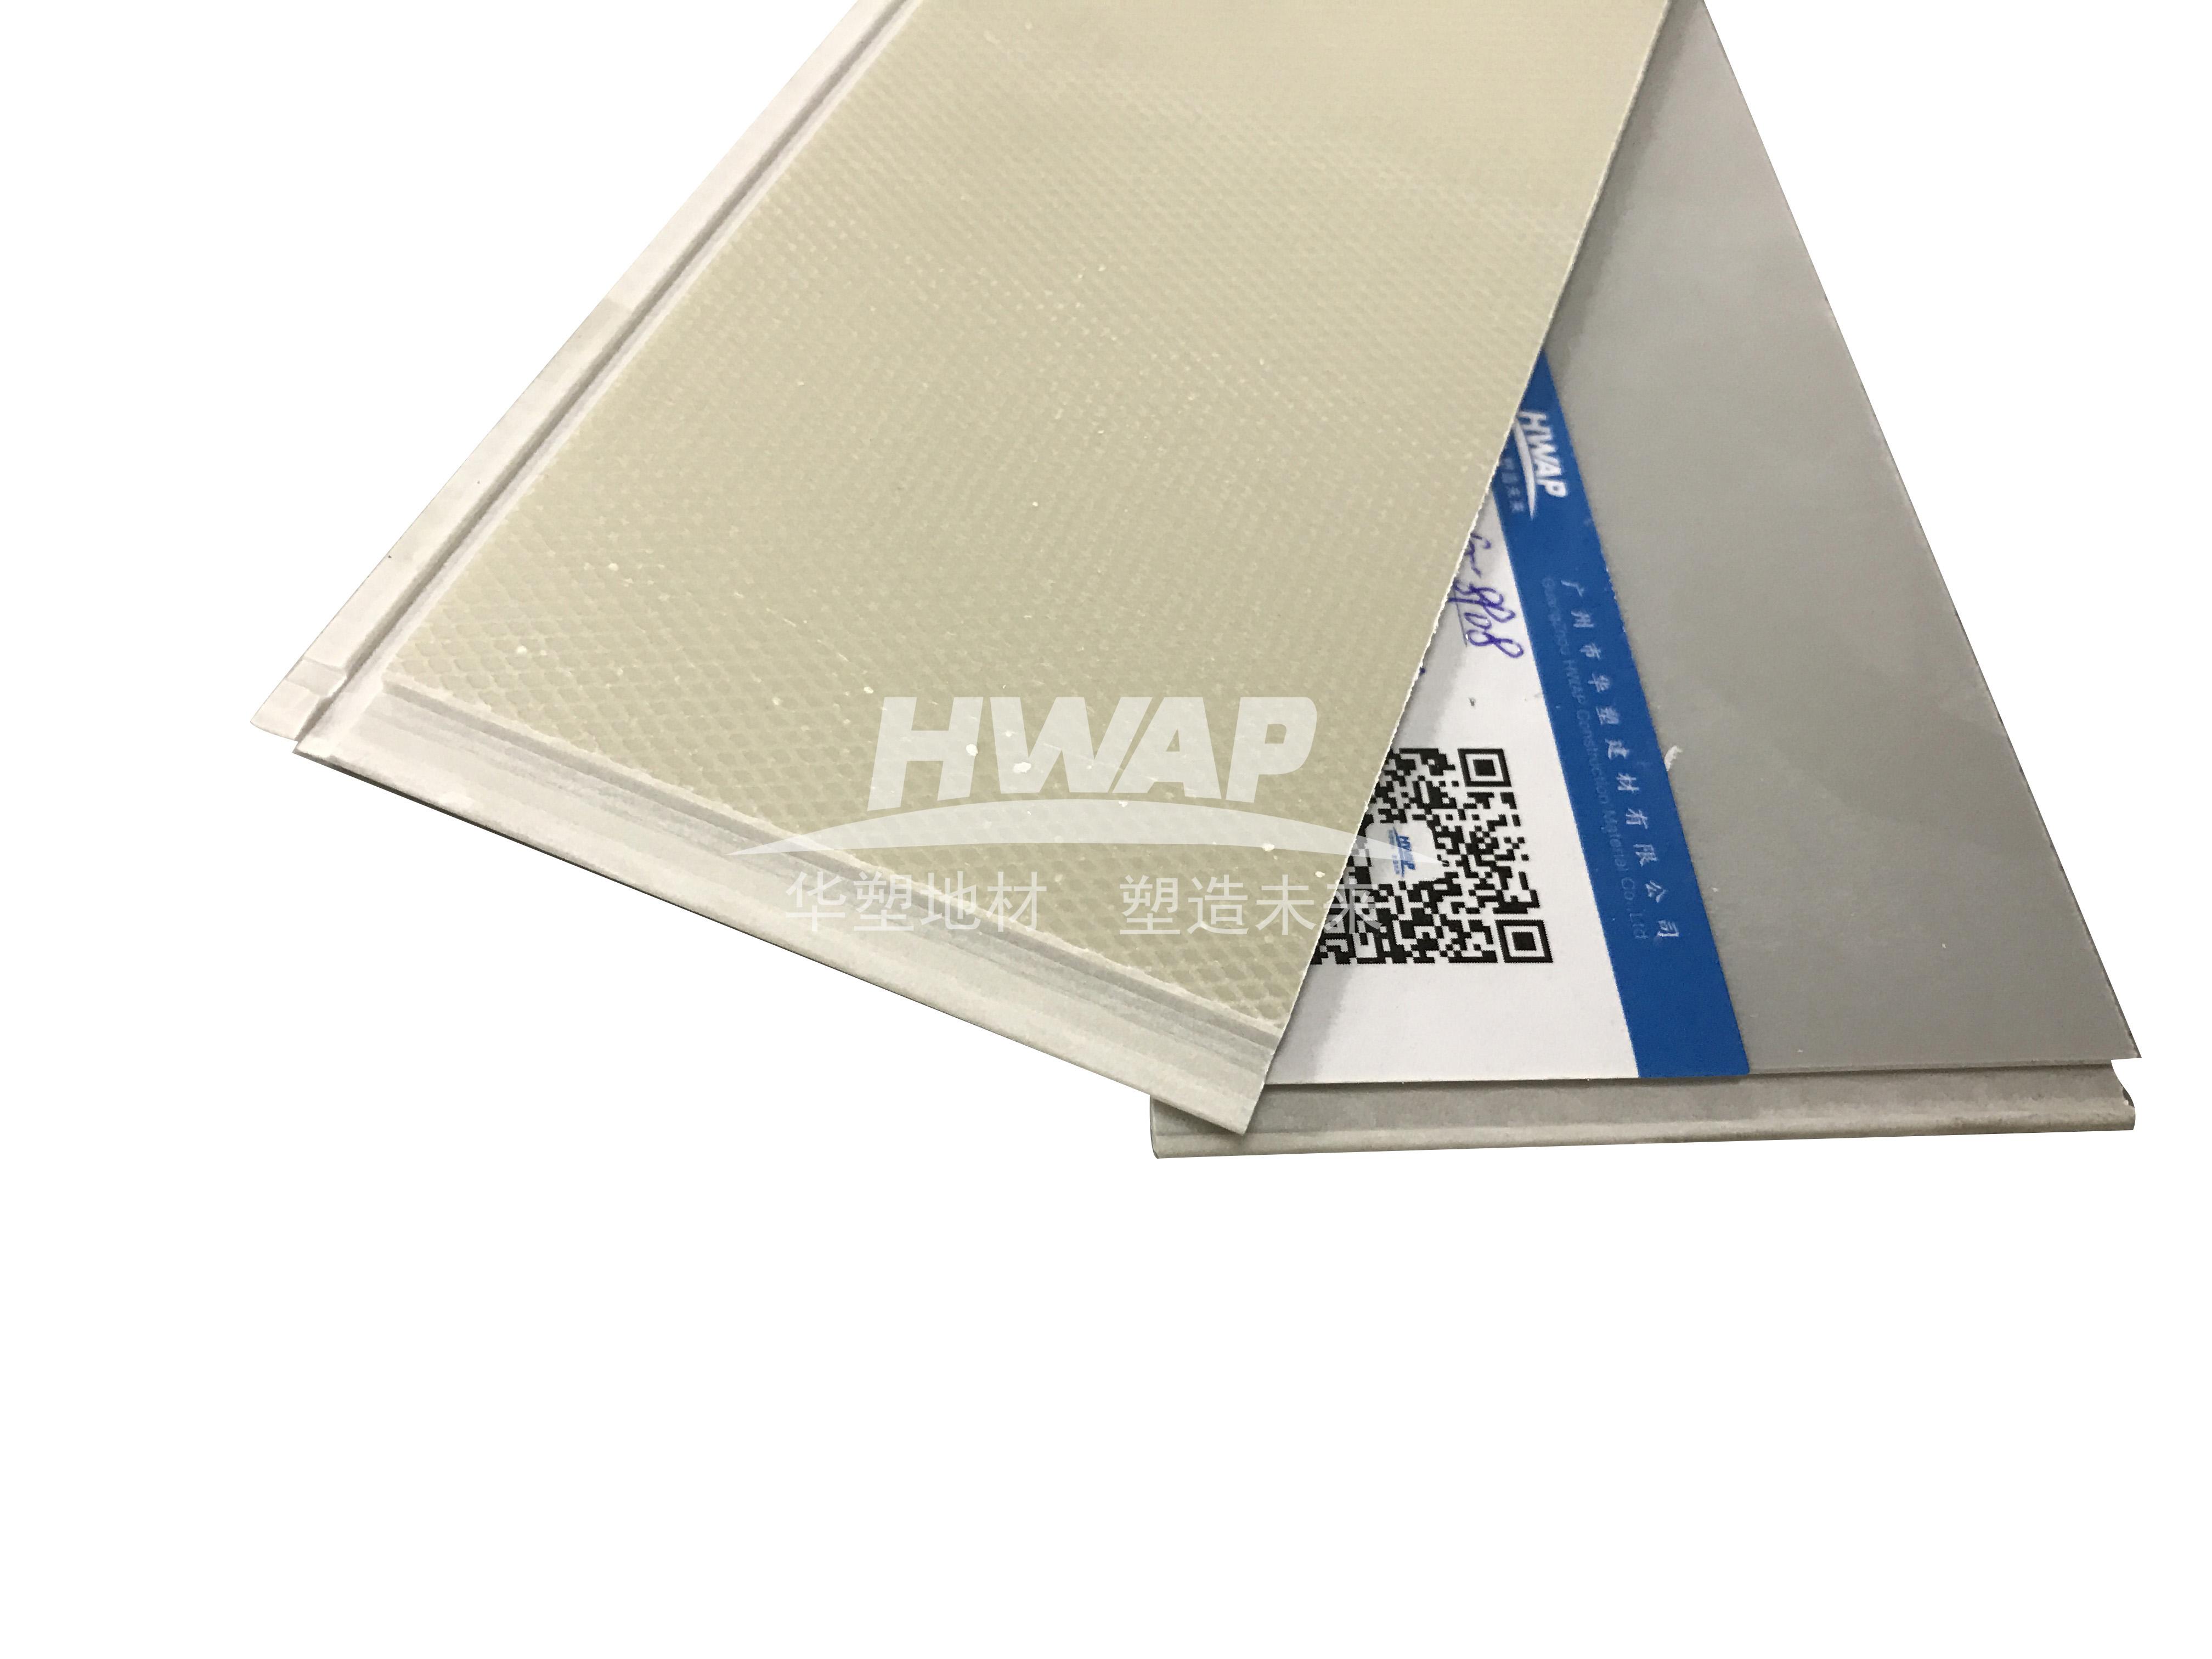 HP-WOG-8908